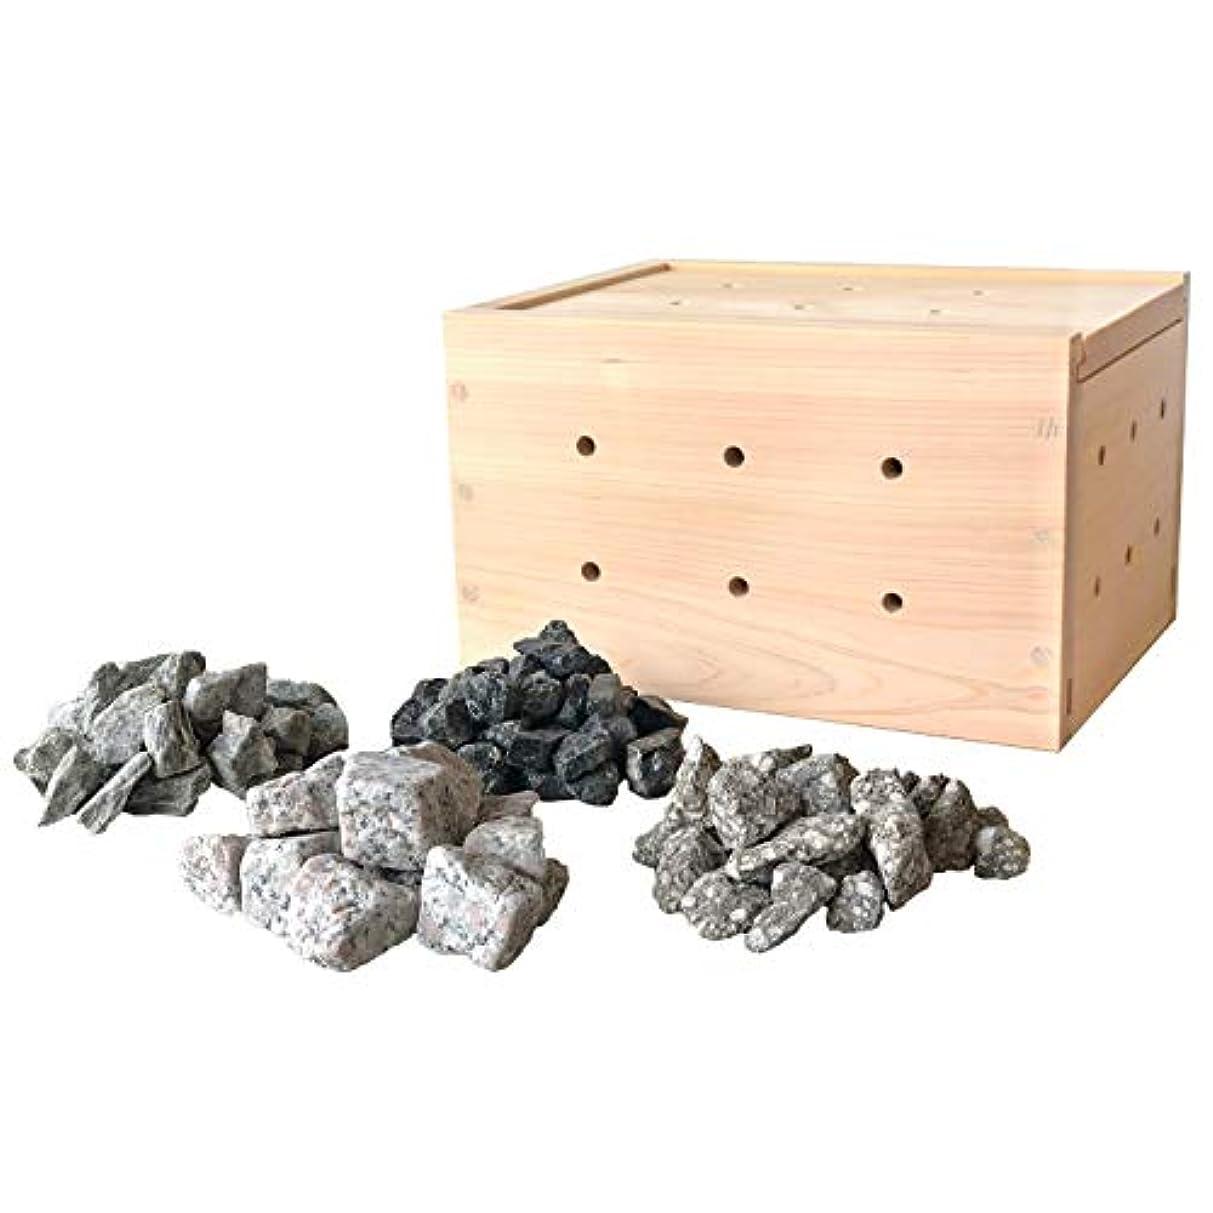 しなければならないベッド魔法薬石温浴セット ネット付き【ゲルマニウム トルマリン ラジウム 麦飯石】